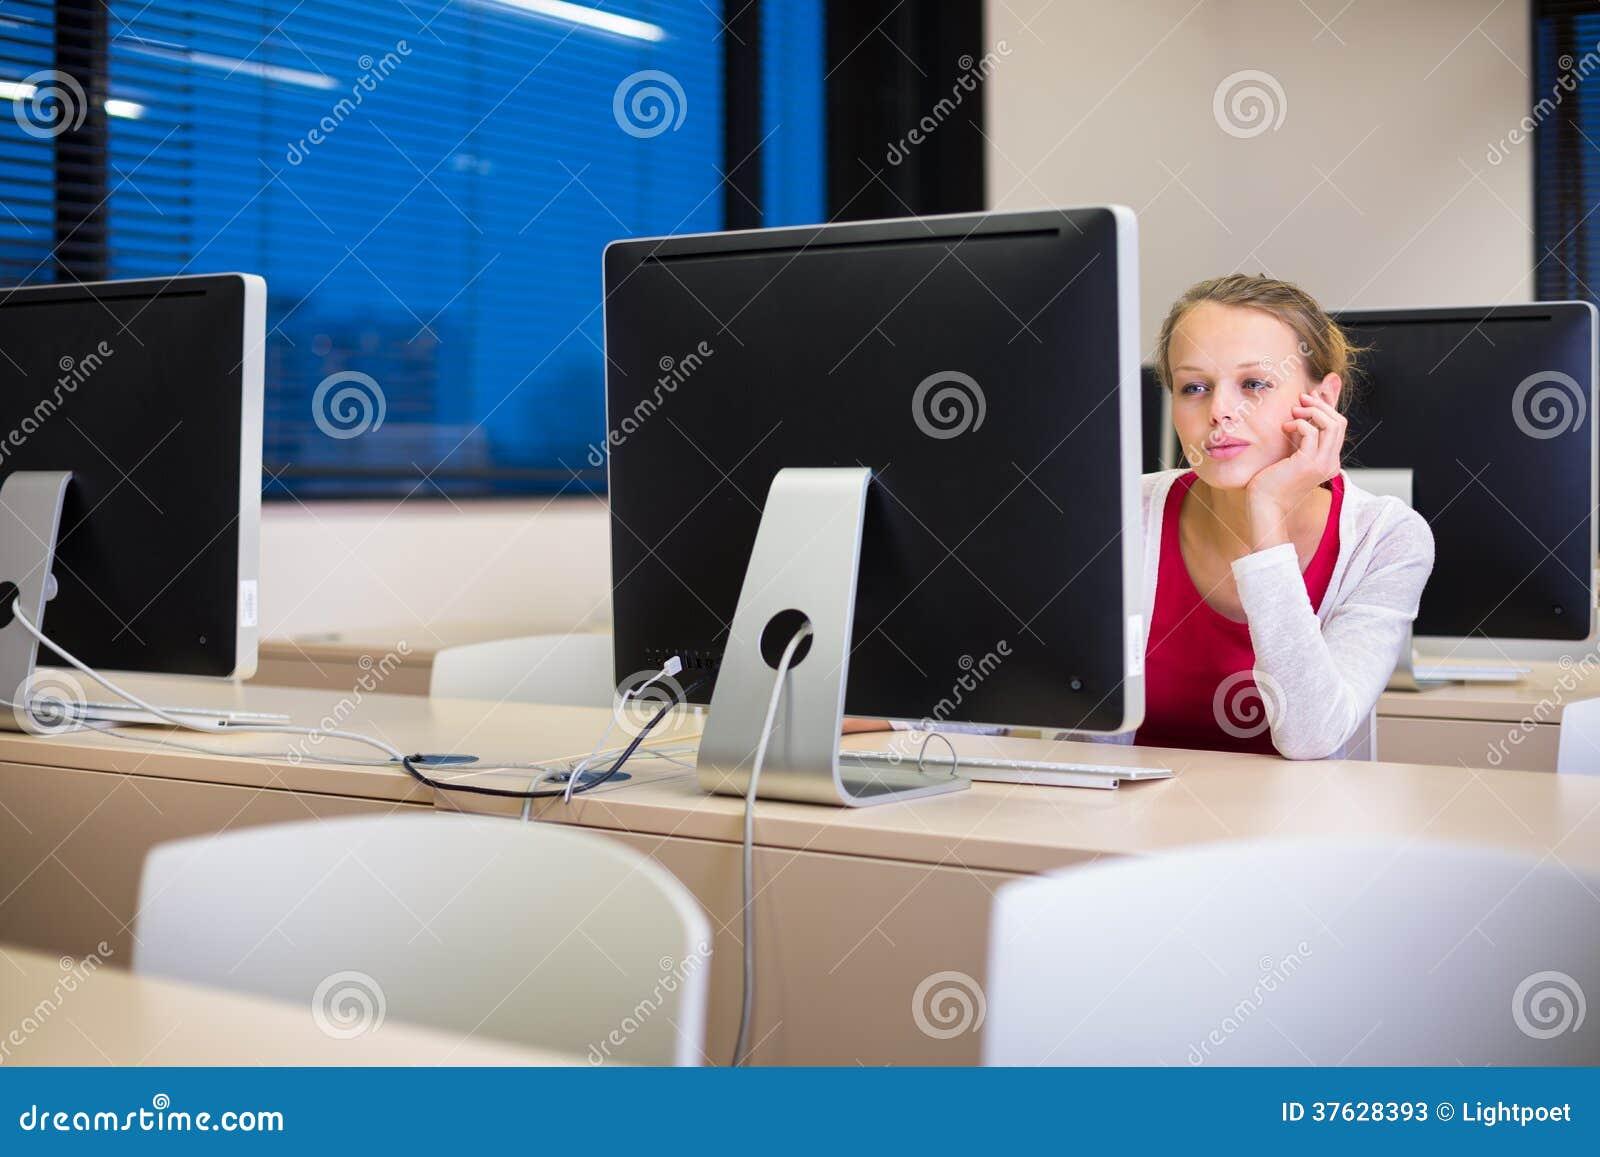 Estudante universitário fêmea bonita, nova que usa um computador de secretária